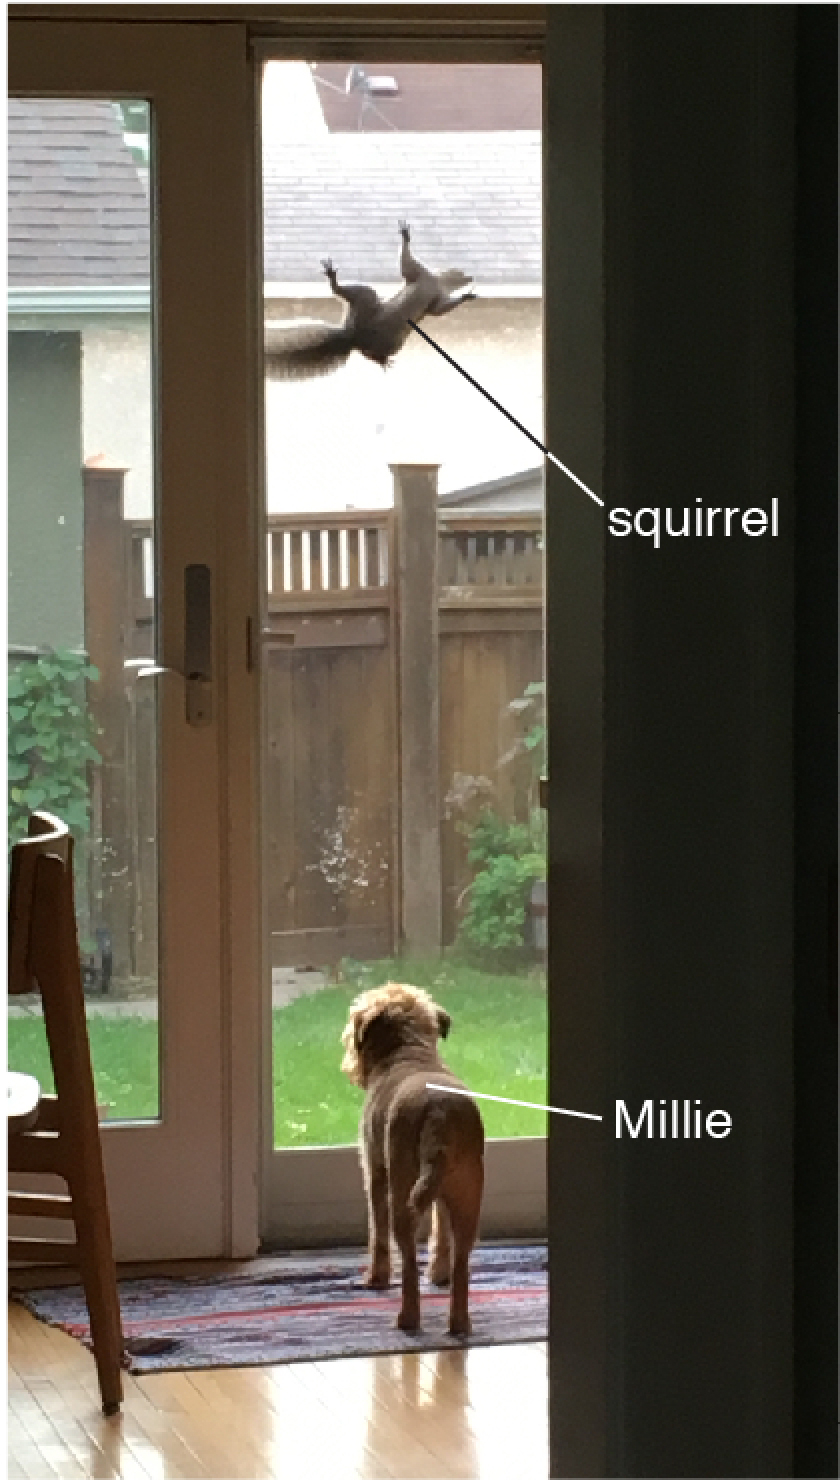 squirrel-millie-words